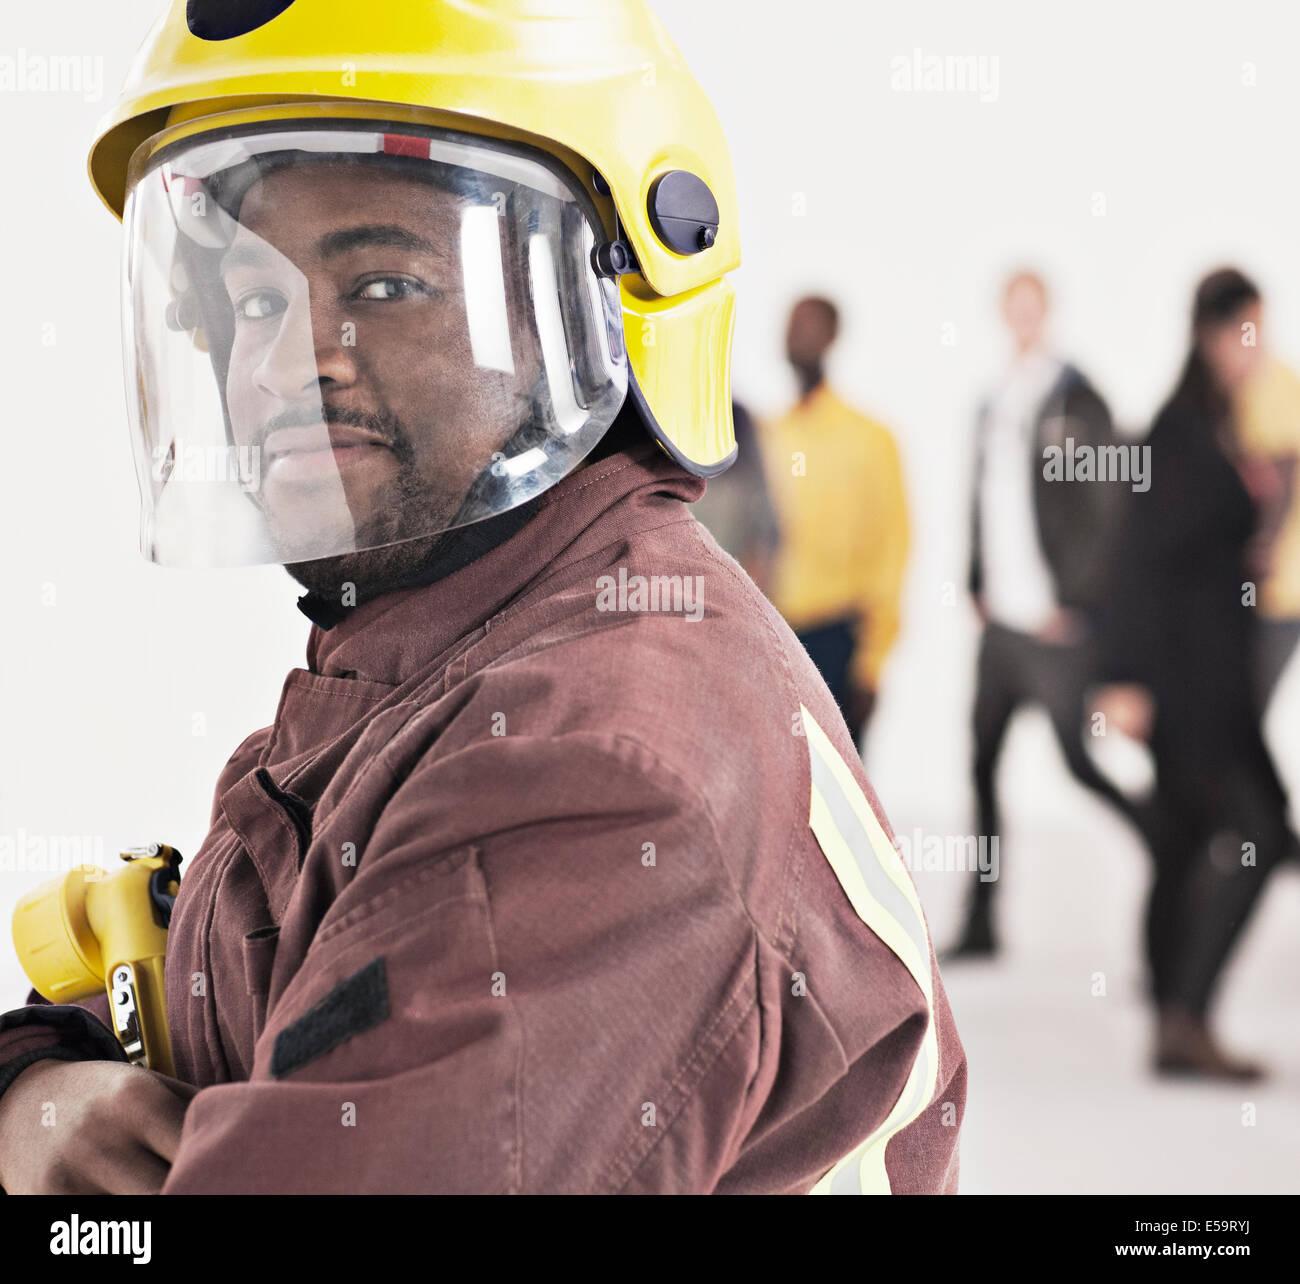 Retrato de seguros bombero Imagen De Stock